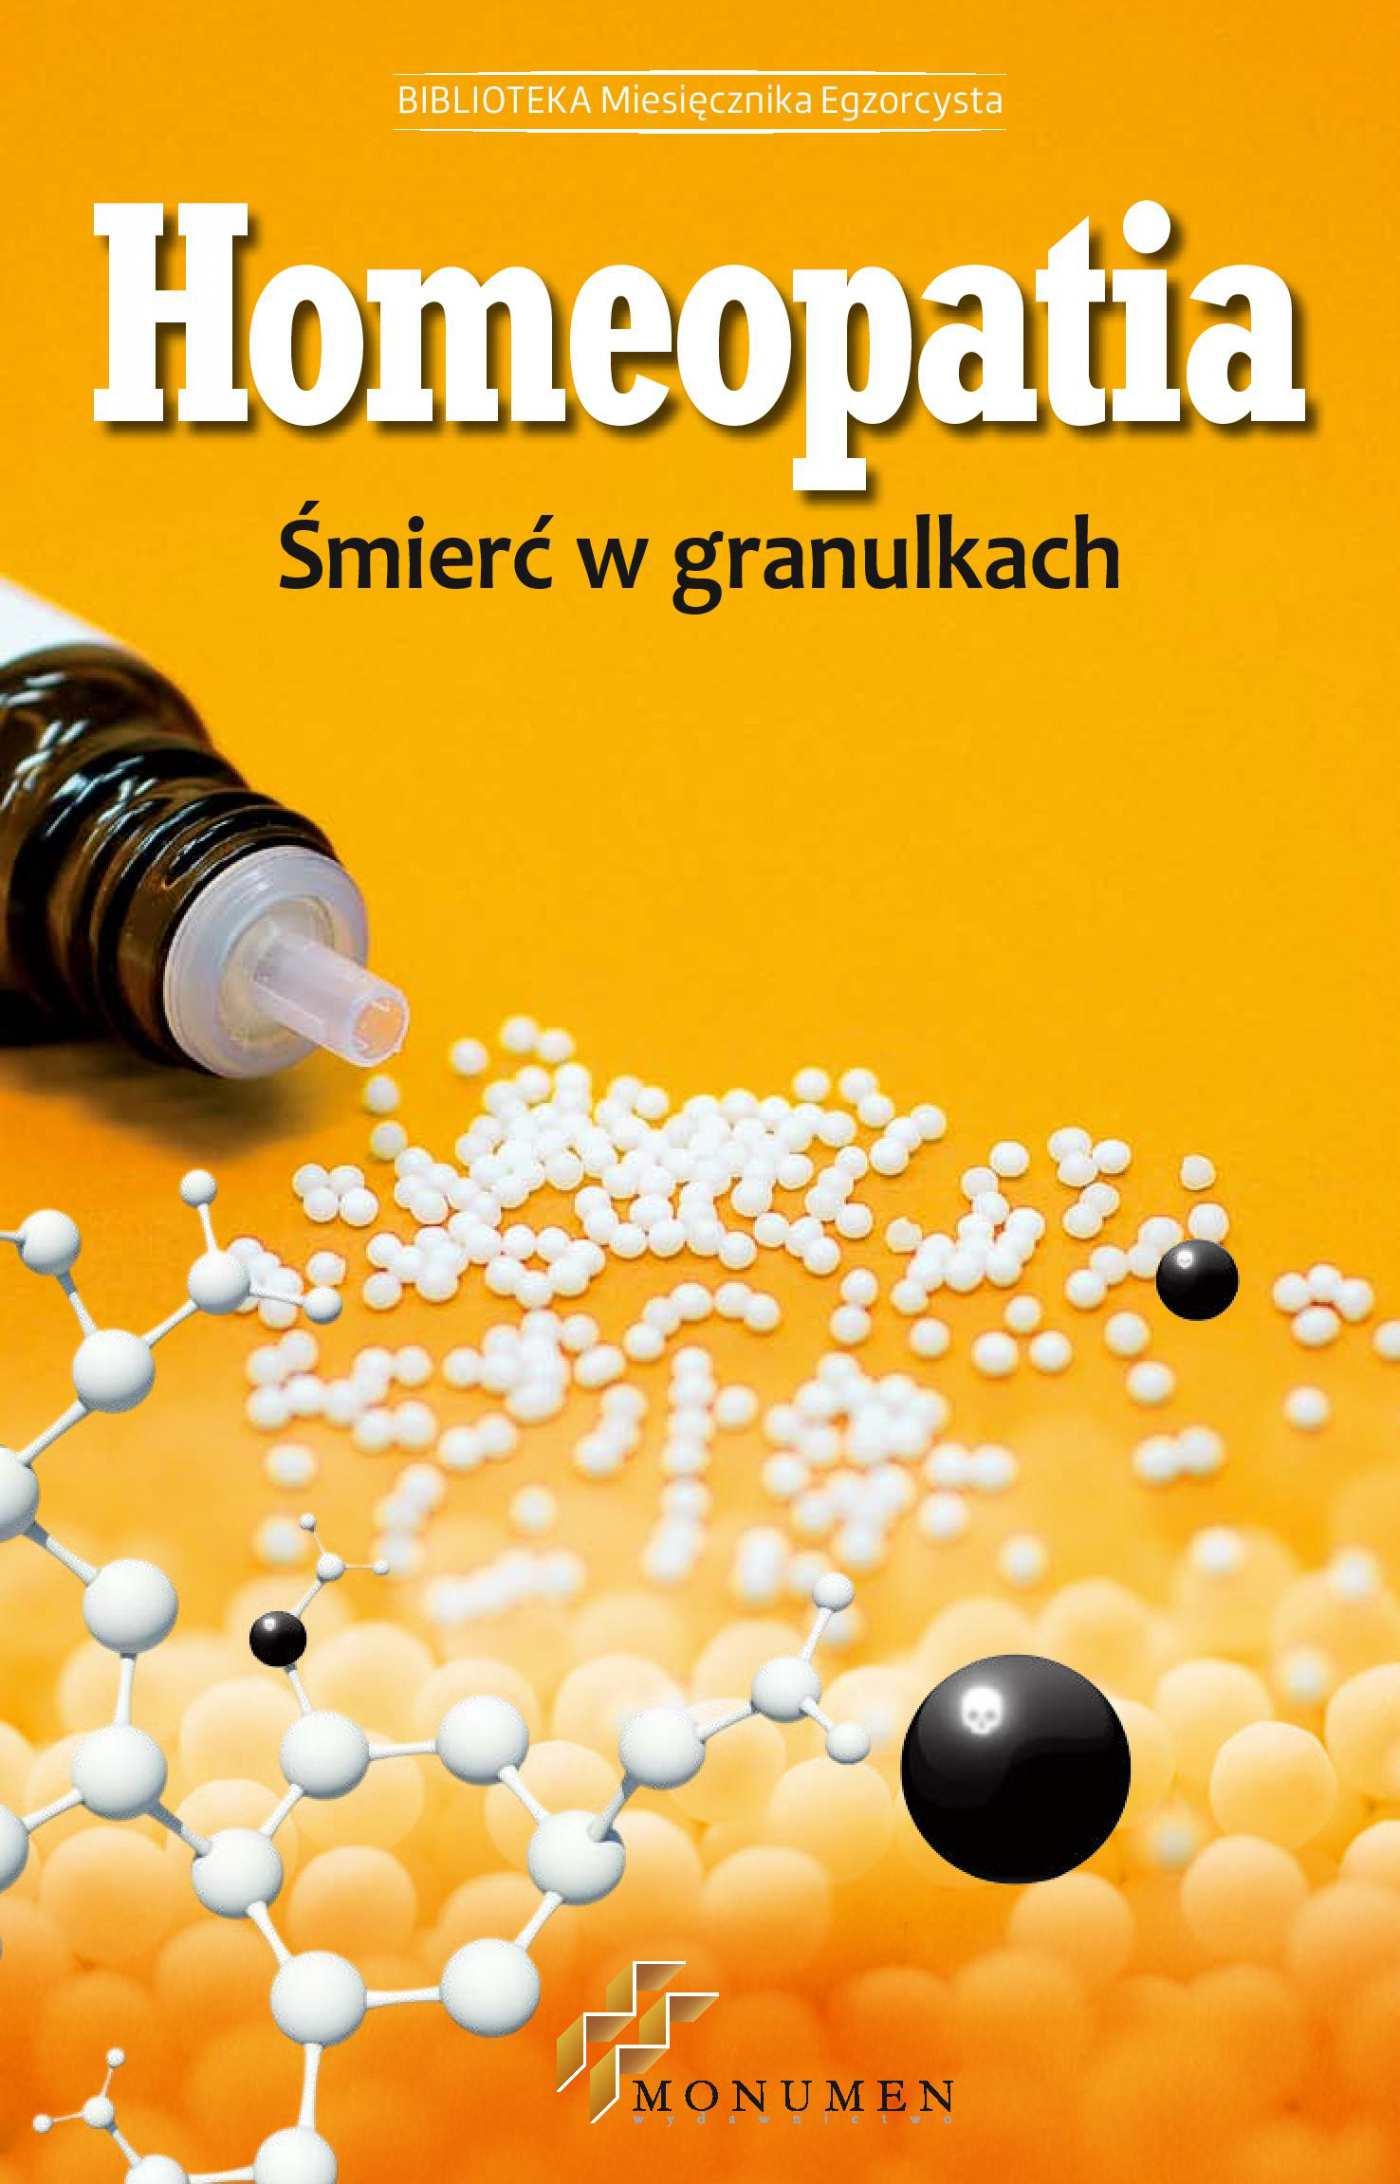 Homeopatia śmierć w granulkach - Ebook (Książka PDF) do pobrania w formacie PDF